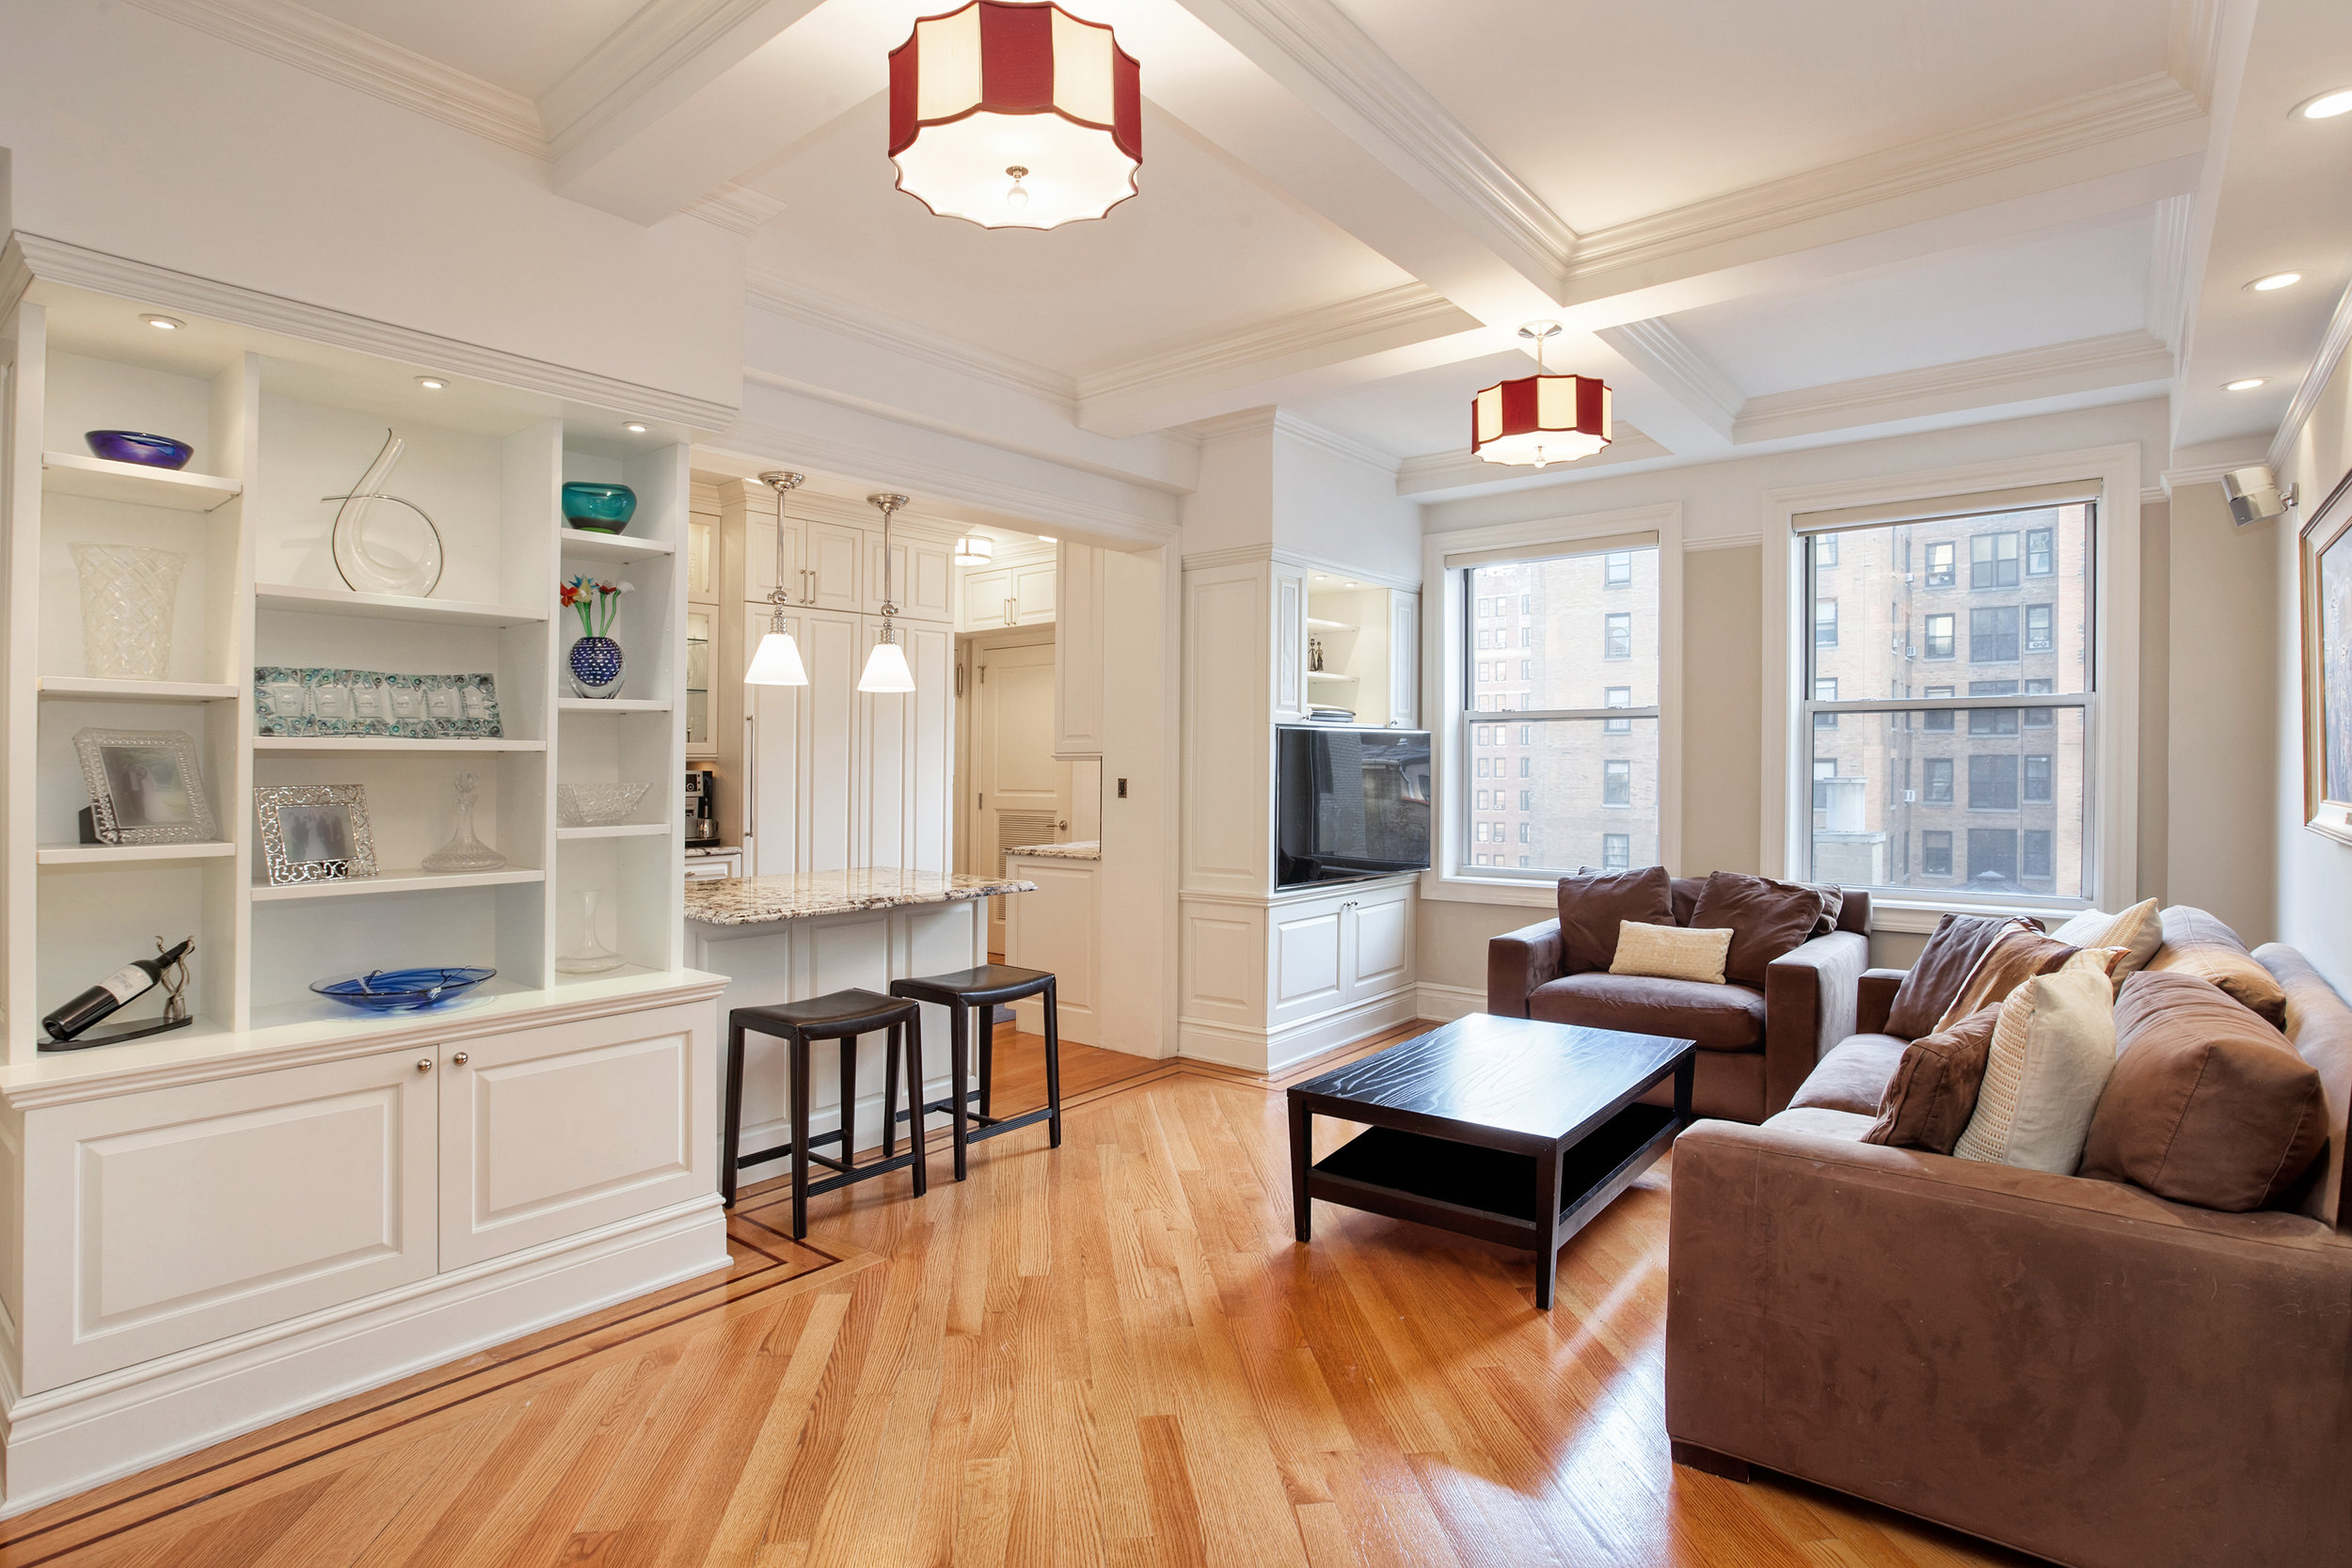 240 West 98th Street, #8L - $1,750,000